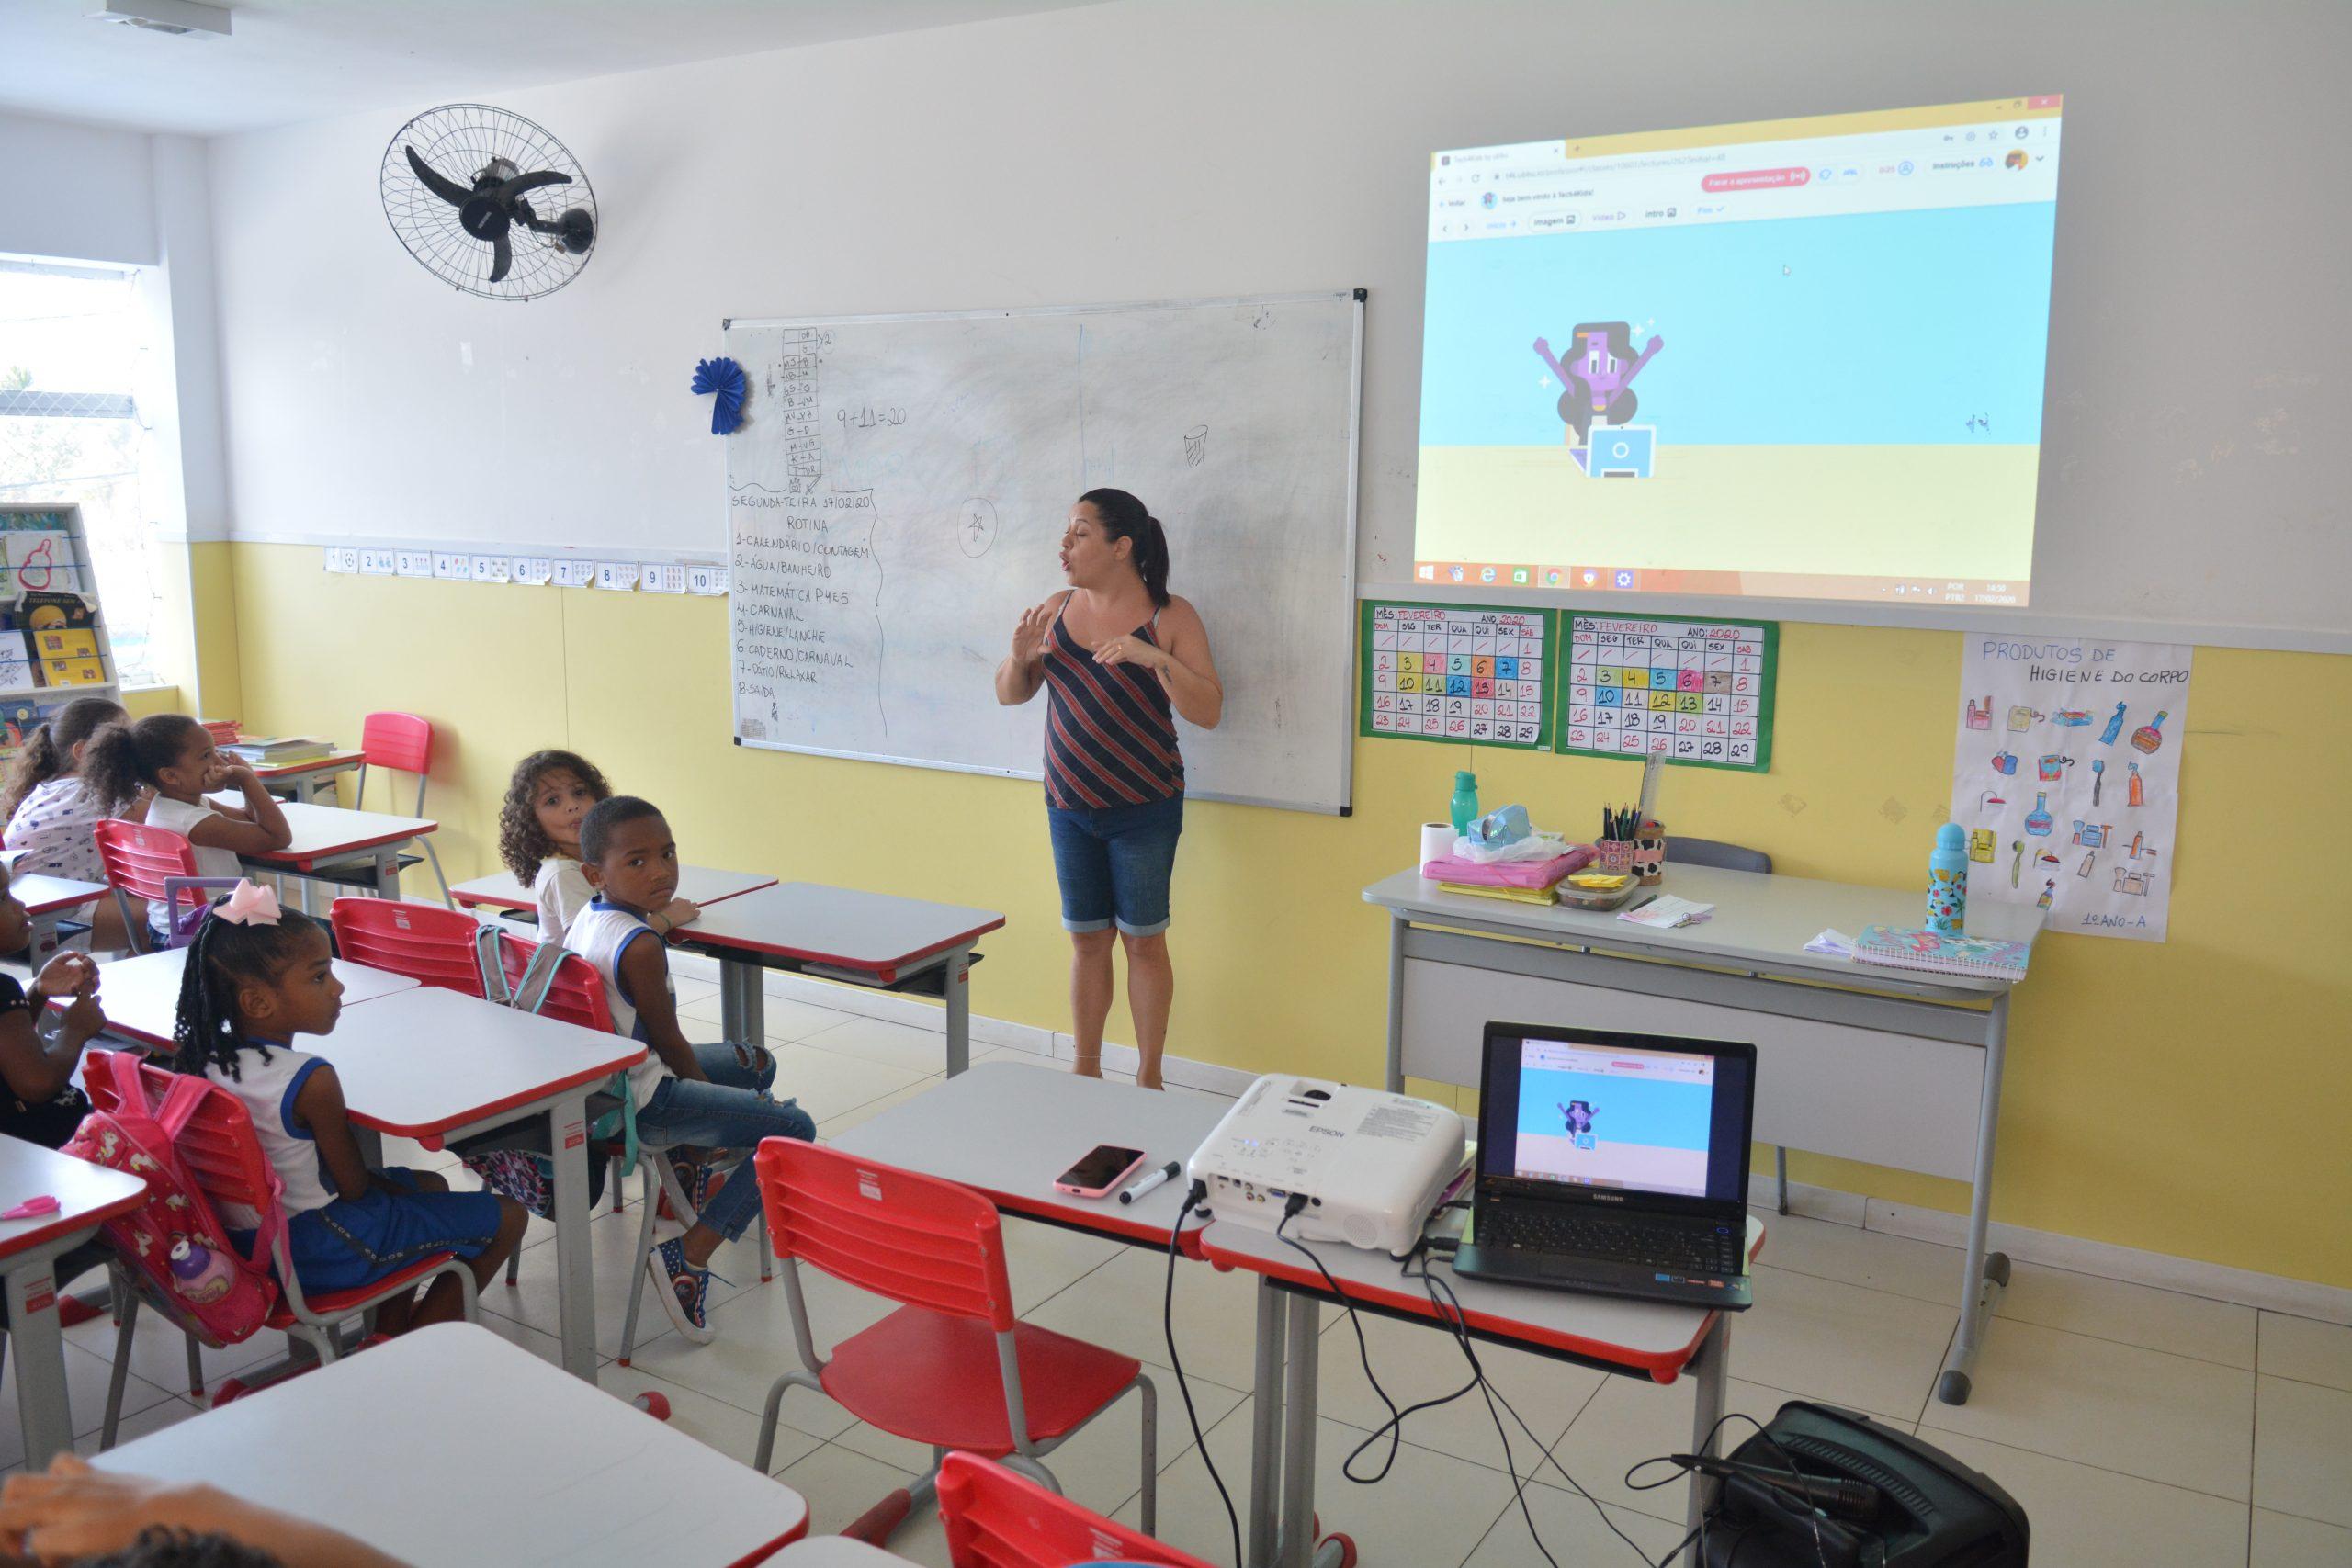 ALC_2495_17.02_Tech4Kids_Fotos André Carvalho_SMED_PMS (2)